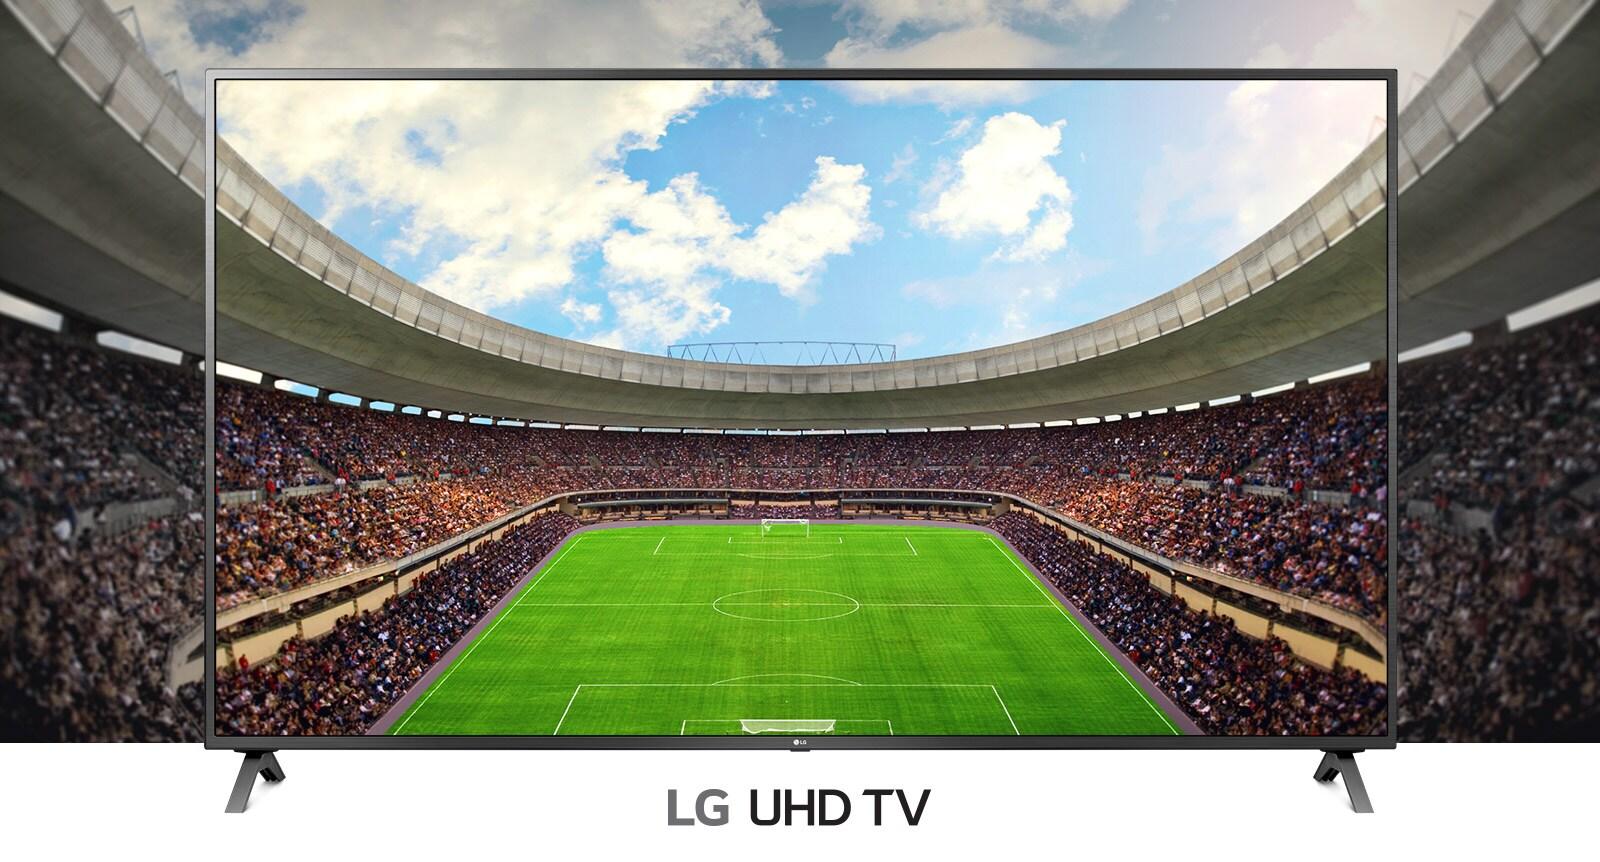 Une vue panoramique d'un stade de football rempli de spectateurs présentée dans un cadre télévisuel.